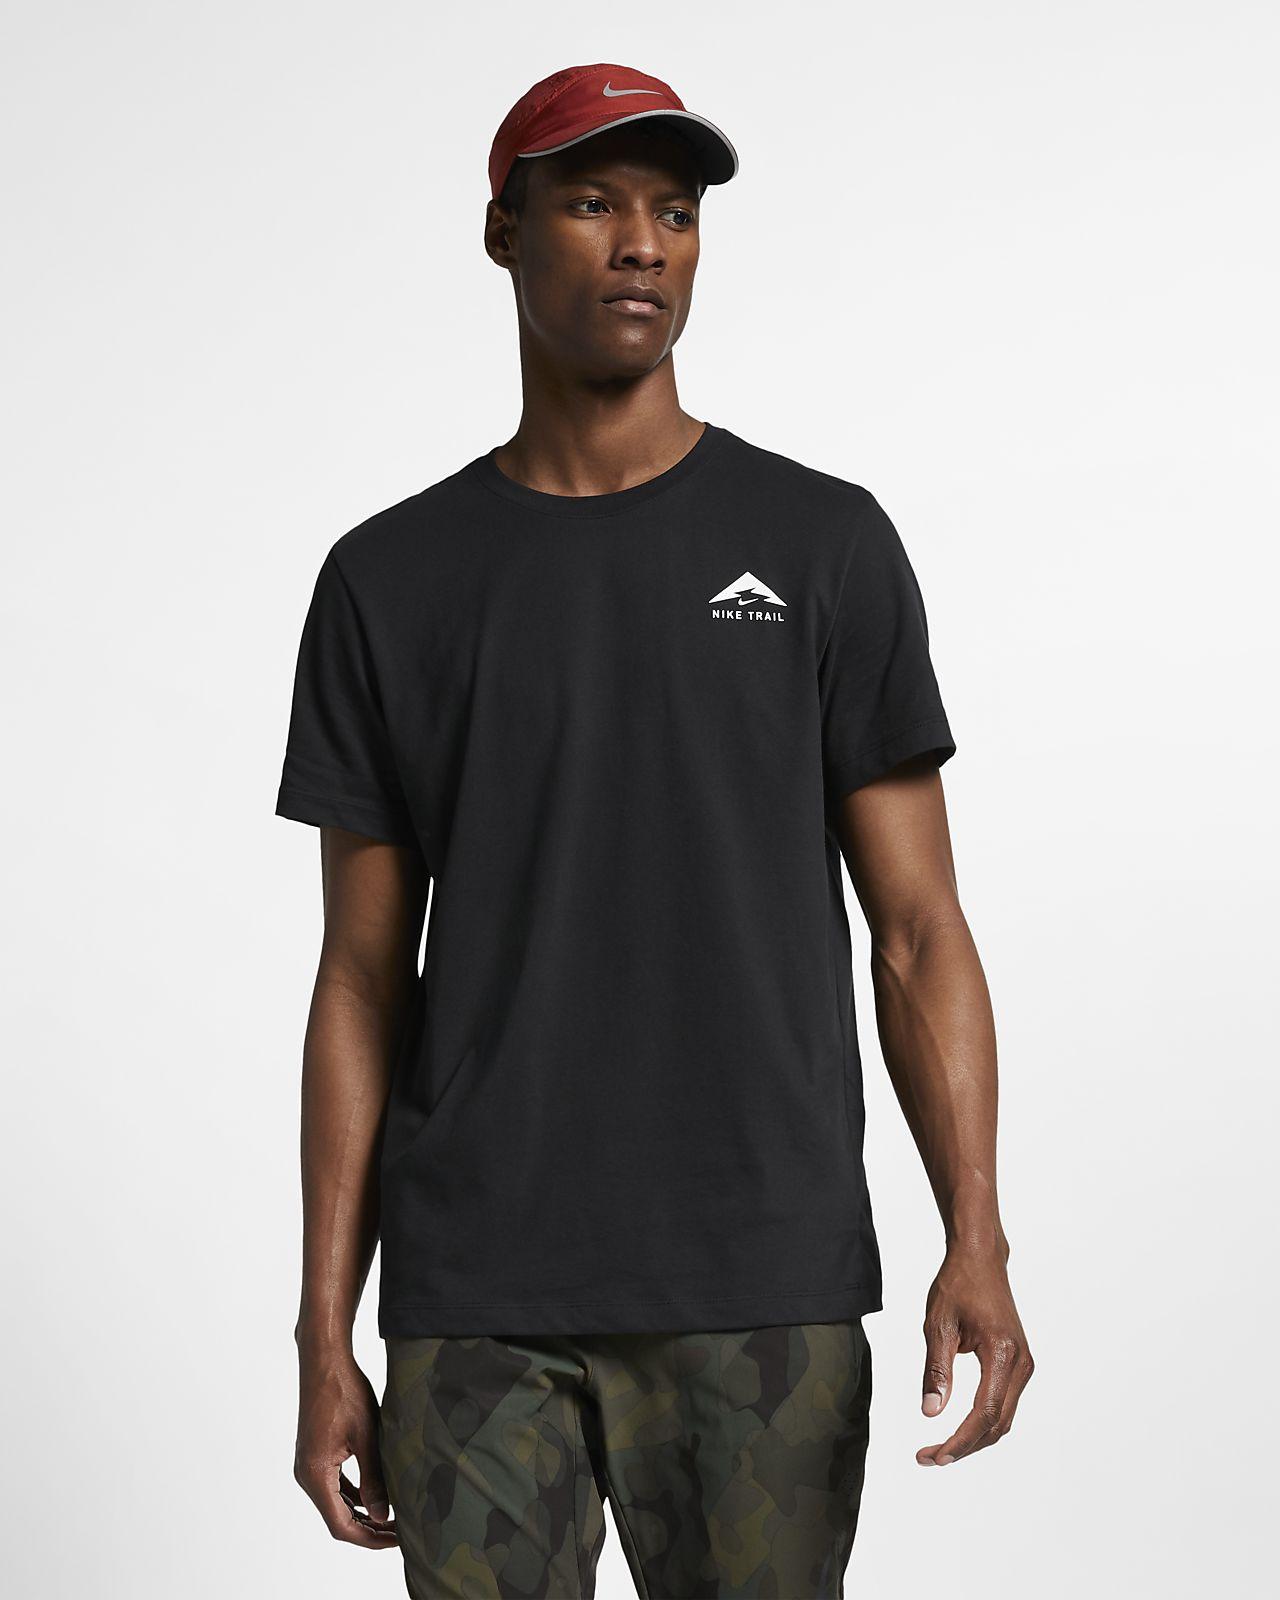 Nike Trail Dri-FIT Men's Running T-Shirt